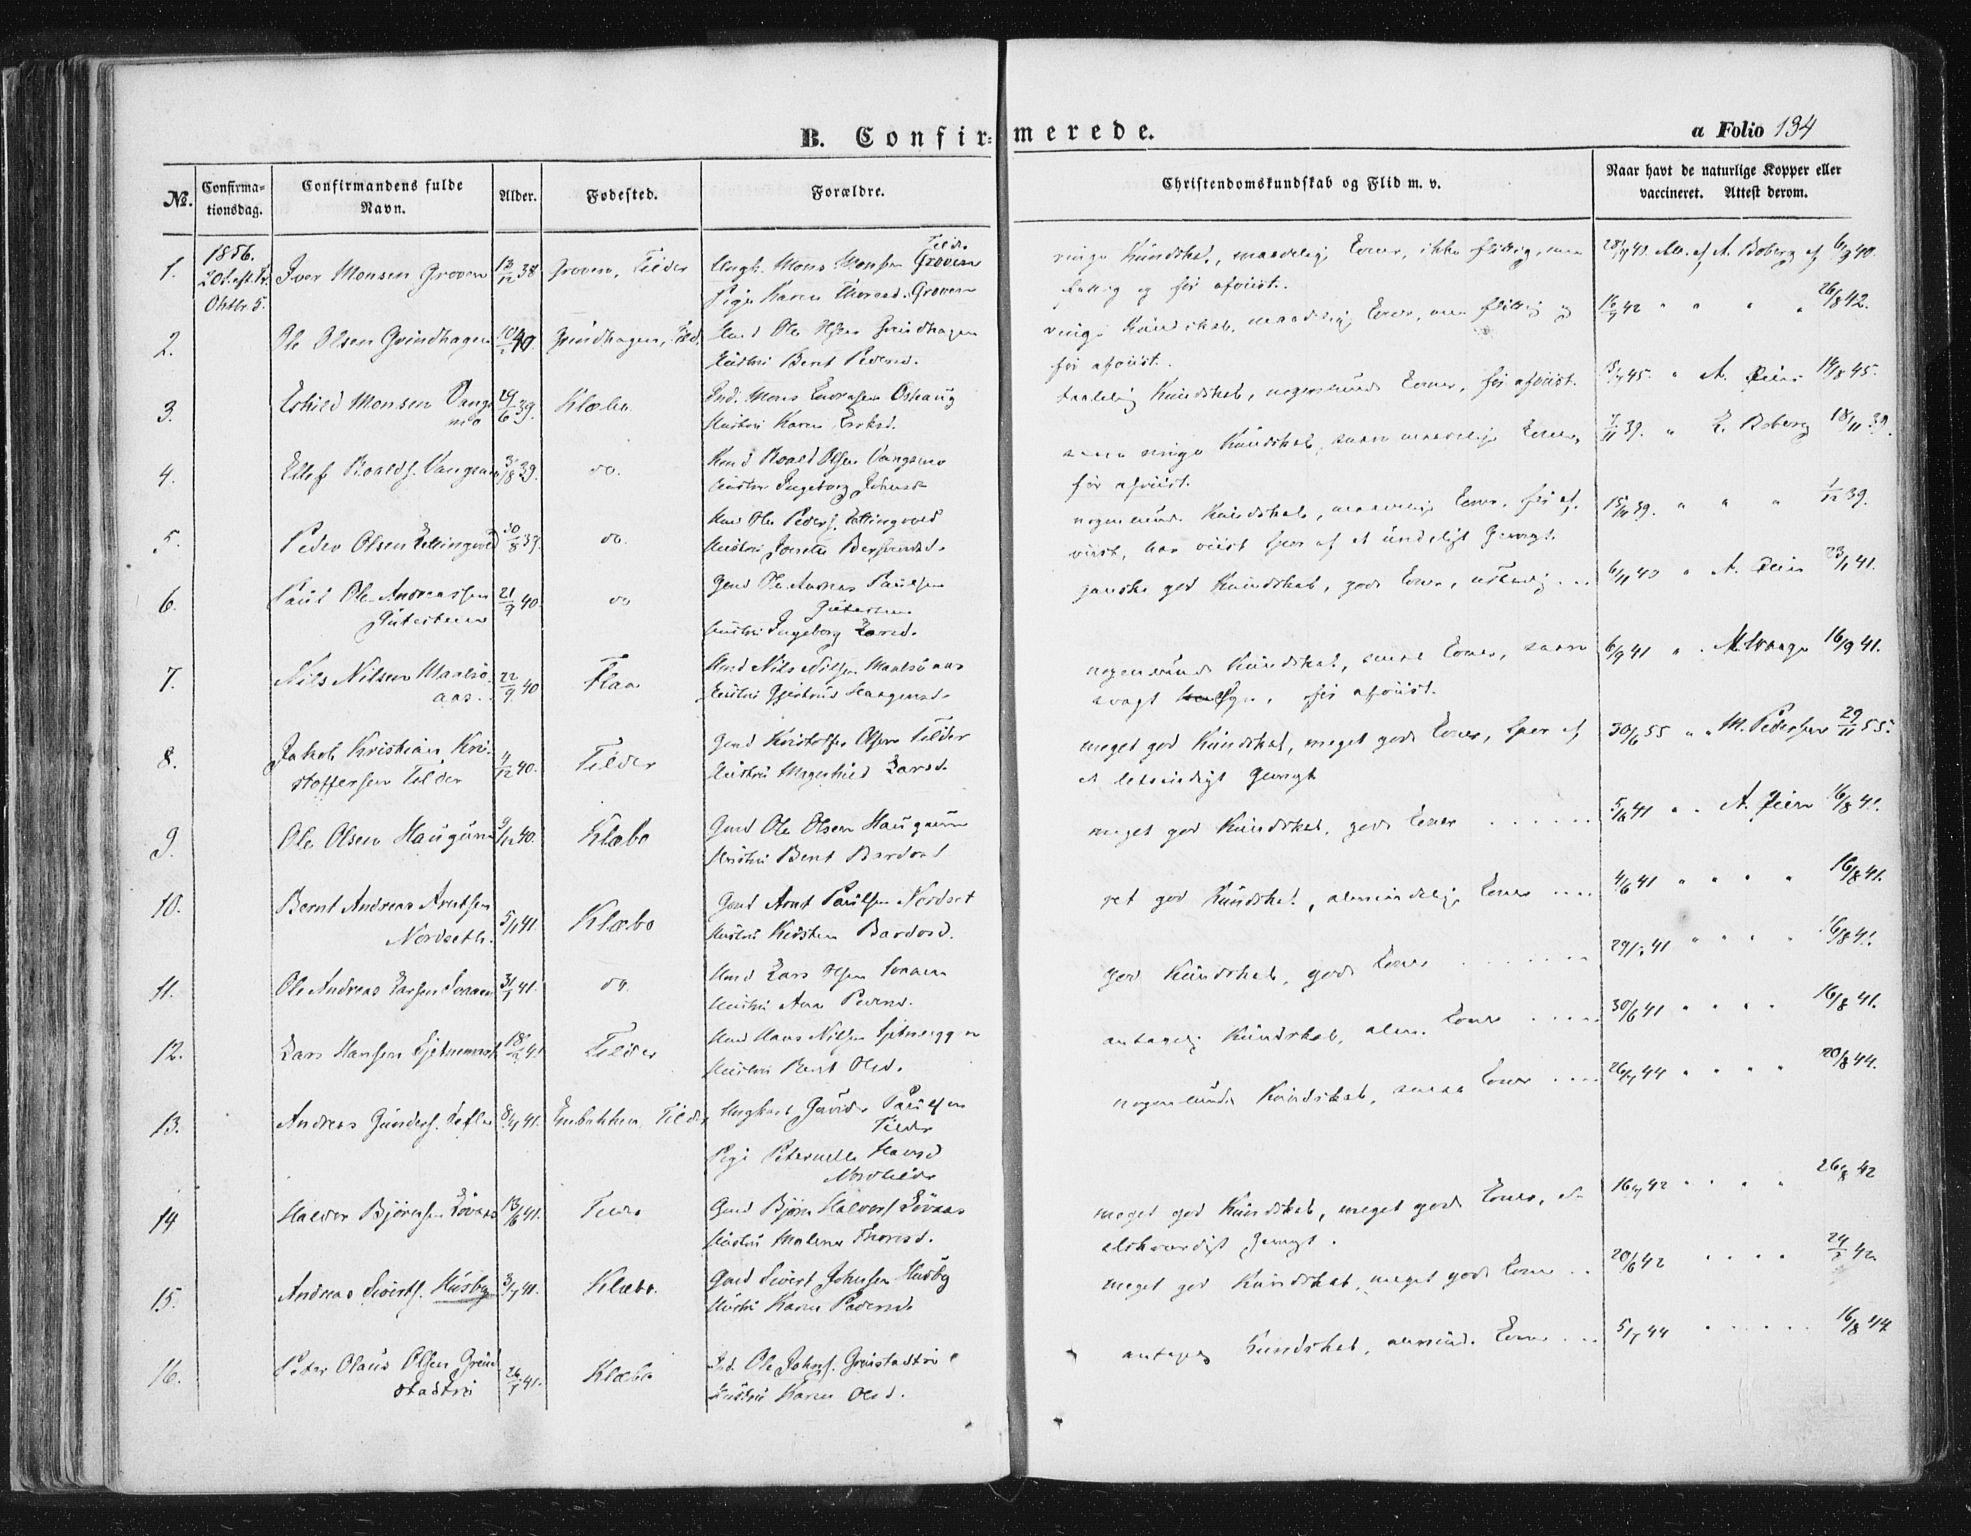 SAT, Ministerialprotokoller, klokkerbøker og fødselsregistre - Sør-Trøndelag, 618/L0441: Ministerialbok nr. 618A05, 1843-1862, s. 134